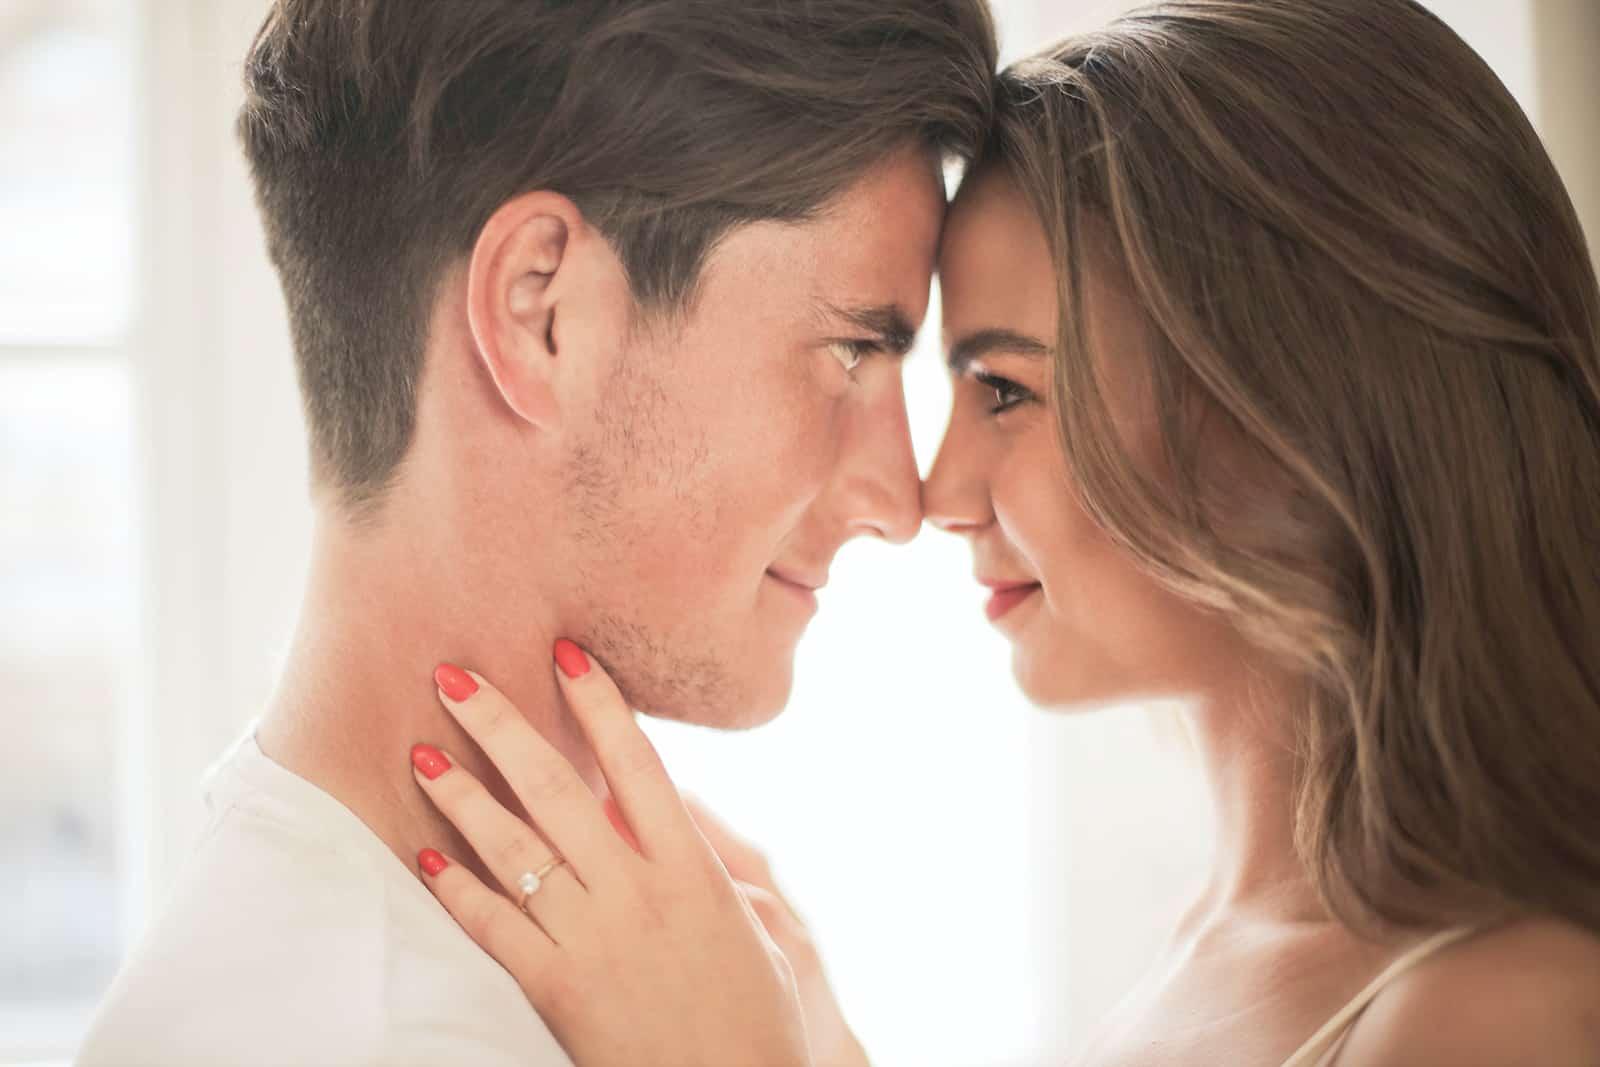 ein liebevolles Paar, das sich ansieht, um sich zu küssen